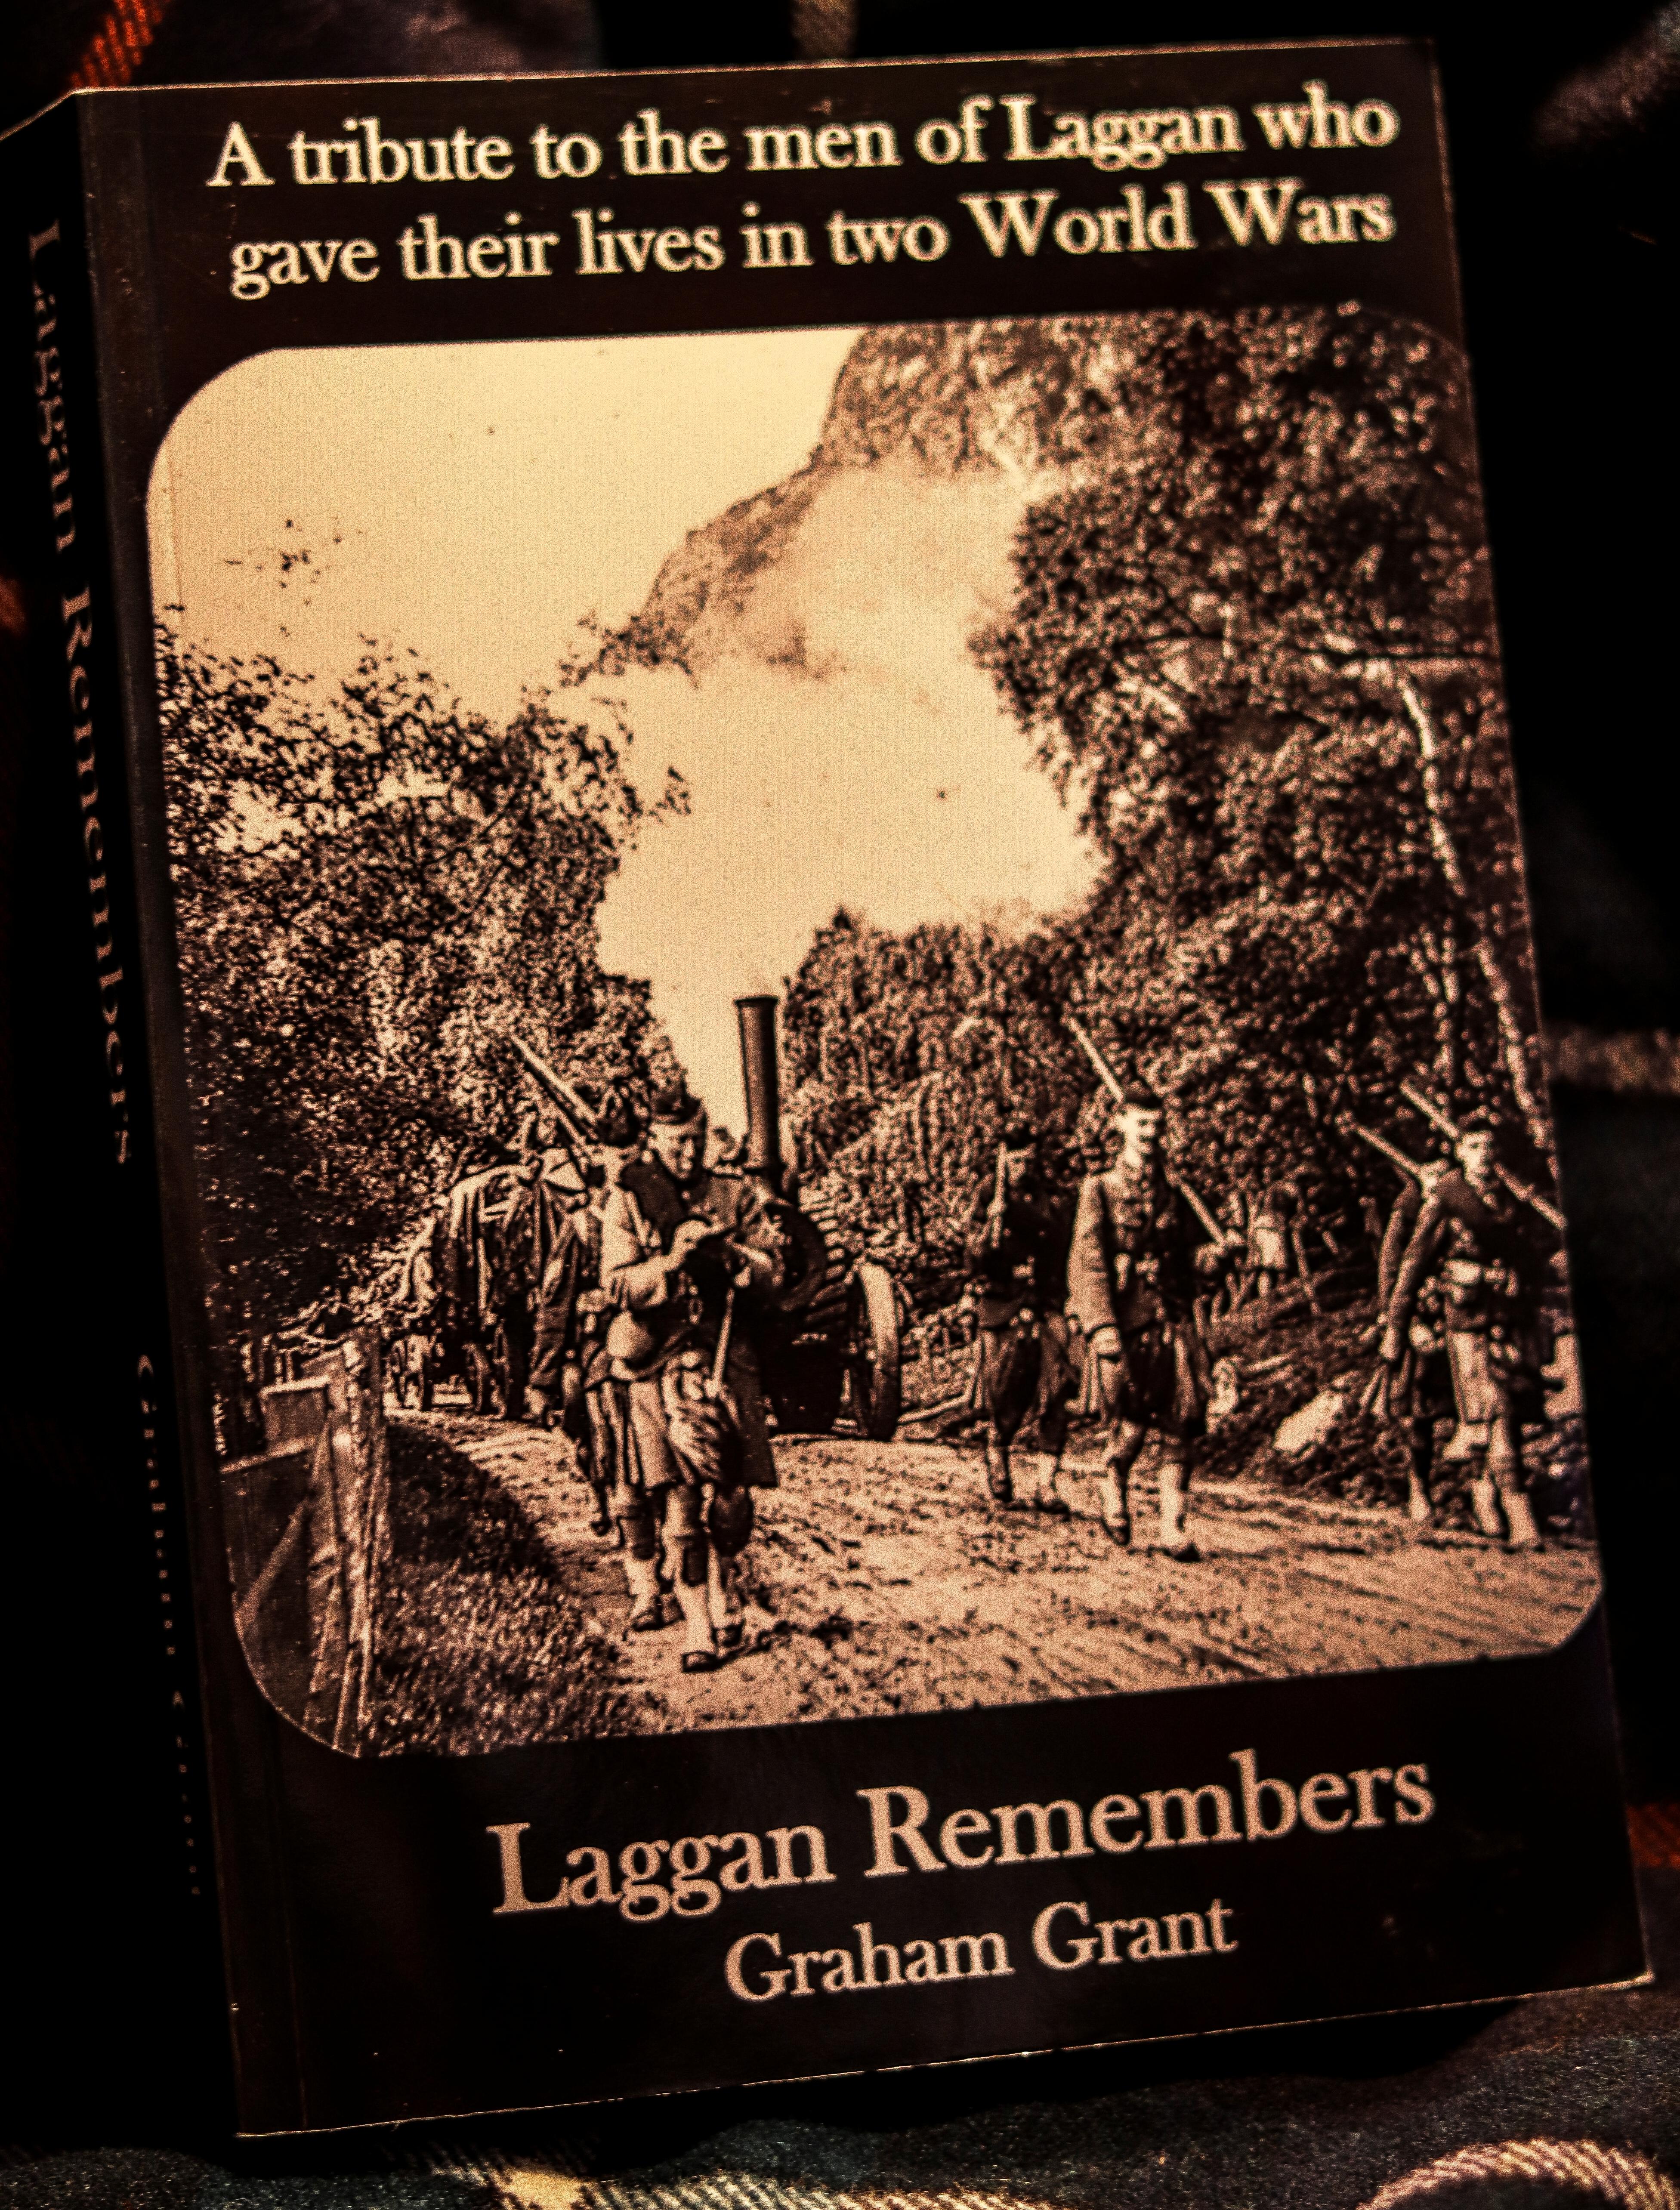 Laggan Remembers